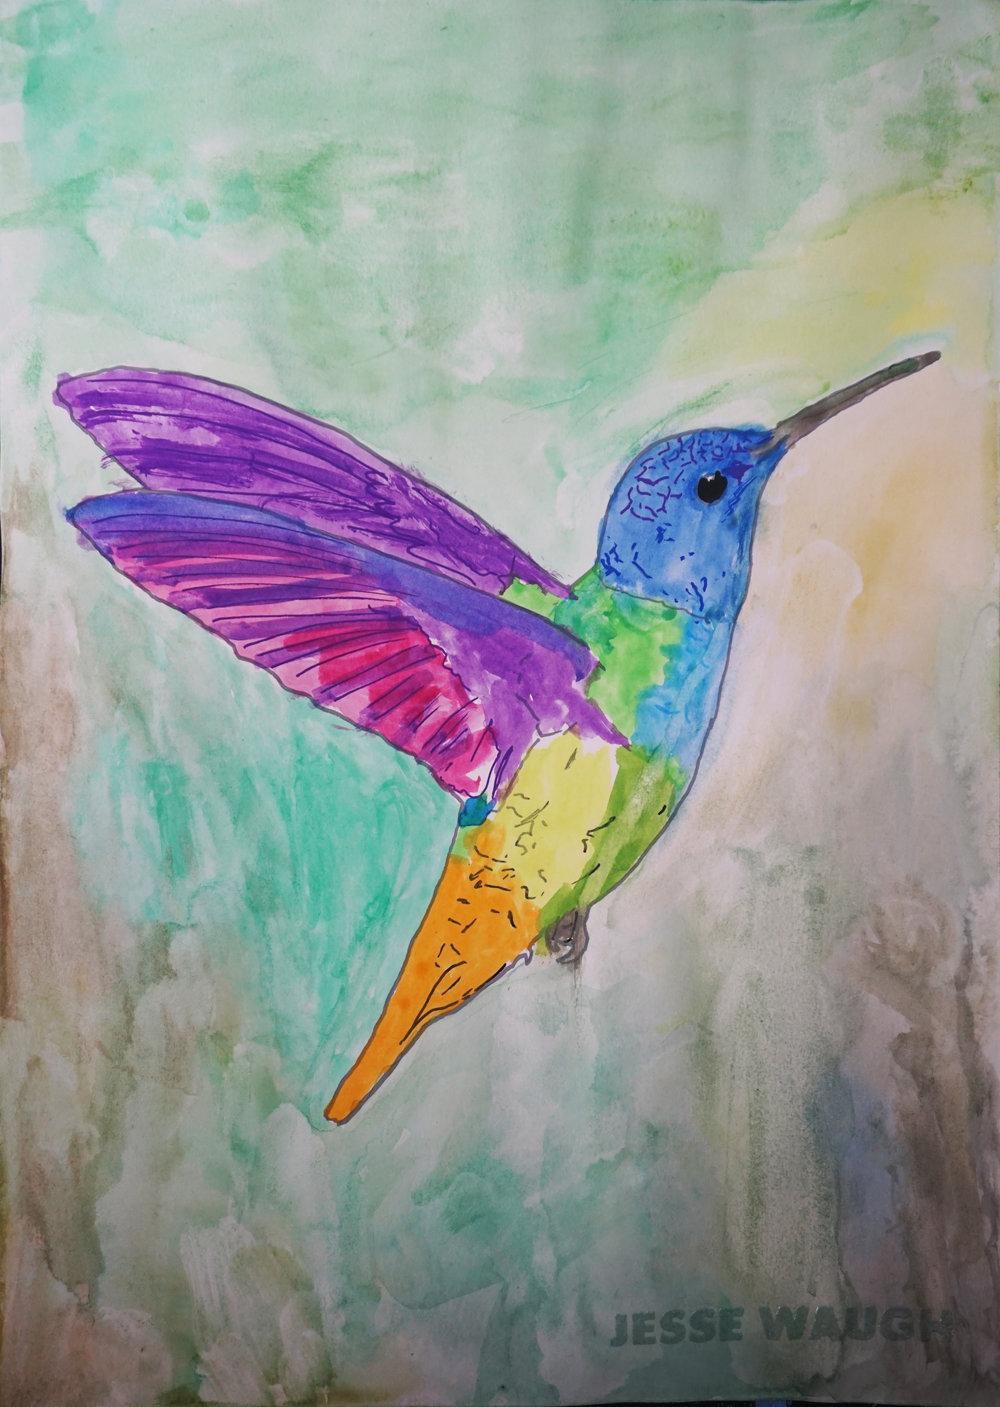 Jesse Waugh   Colibrí   2017 Watercolor 29.7 X 42 cm (A3)